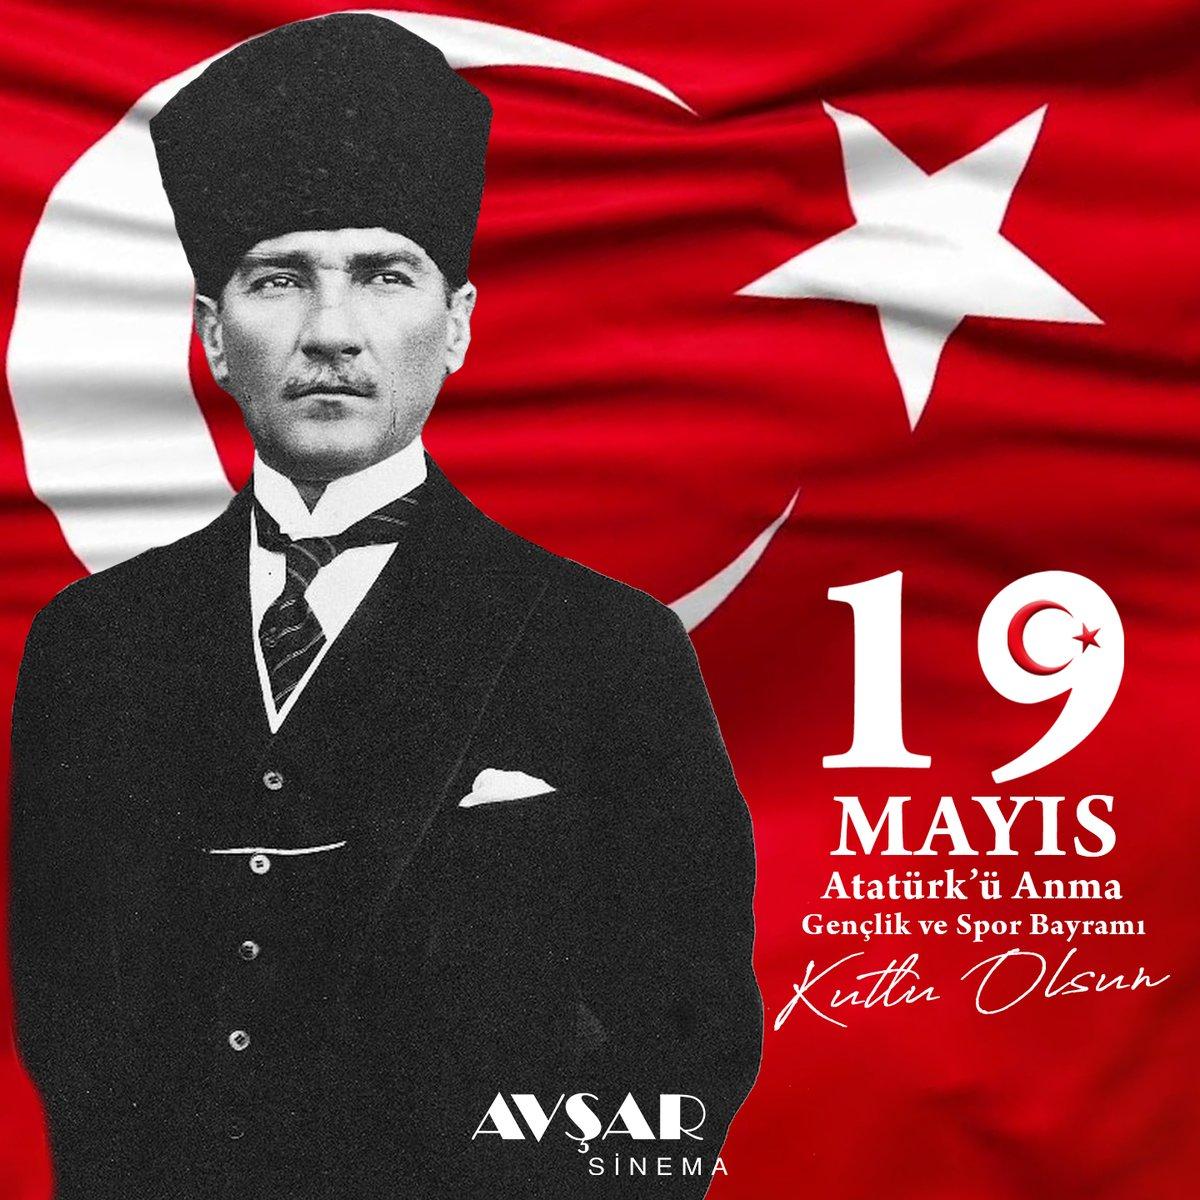 19 Mayıs Atatürk'ü Anma, Gençlik ve Spor Bayramı Kutlu Olsun.  #19MAYIS1919 https://t.co/DP0iUd4Lr5